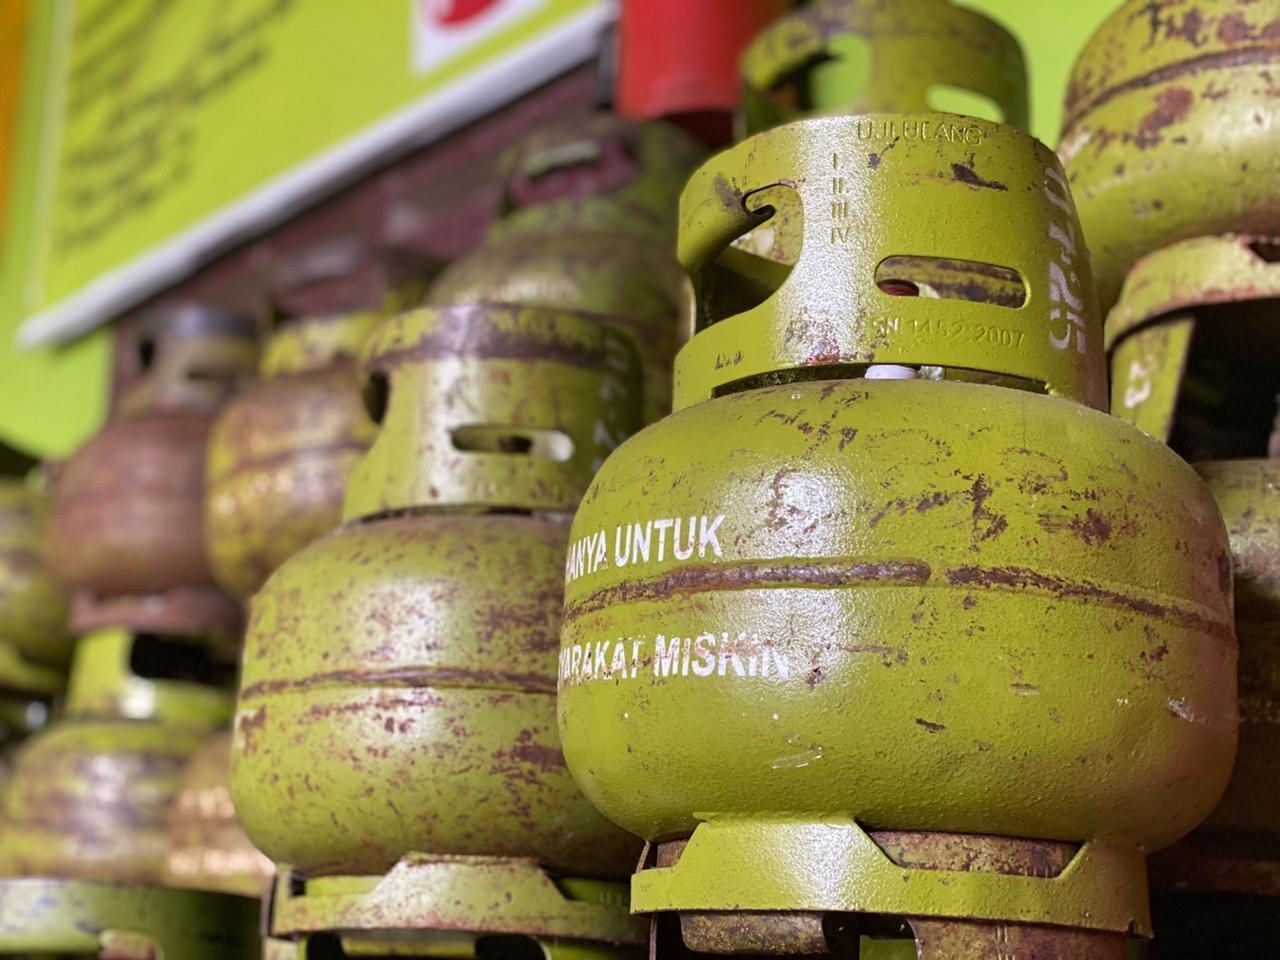 LPG 3 Kg yang ada di Agen Joko Wiyono Kota Bengkulu